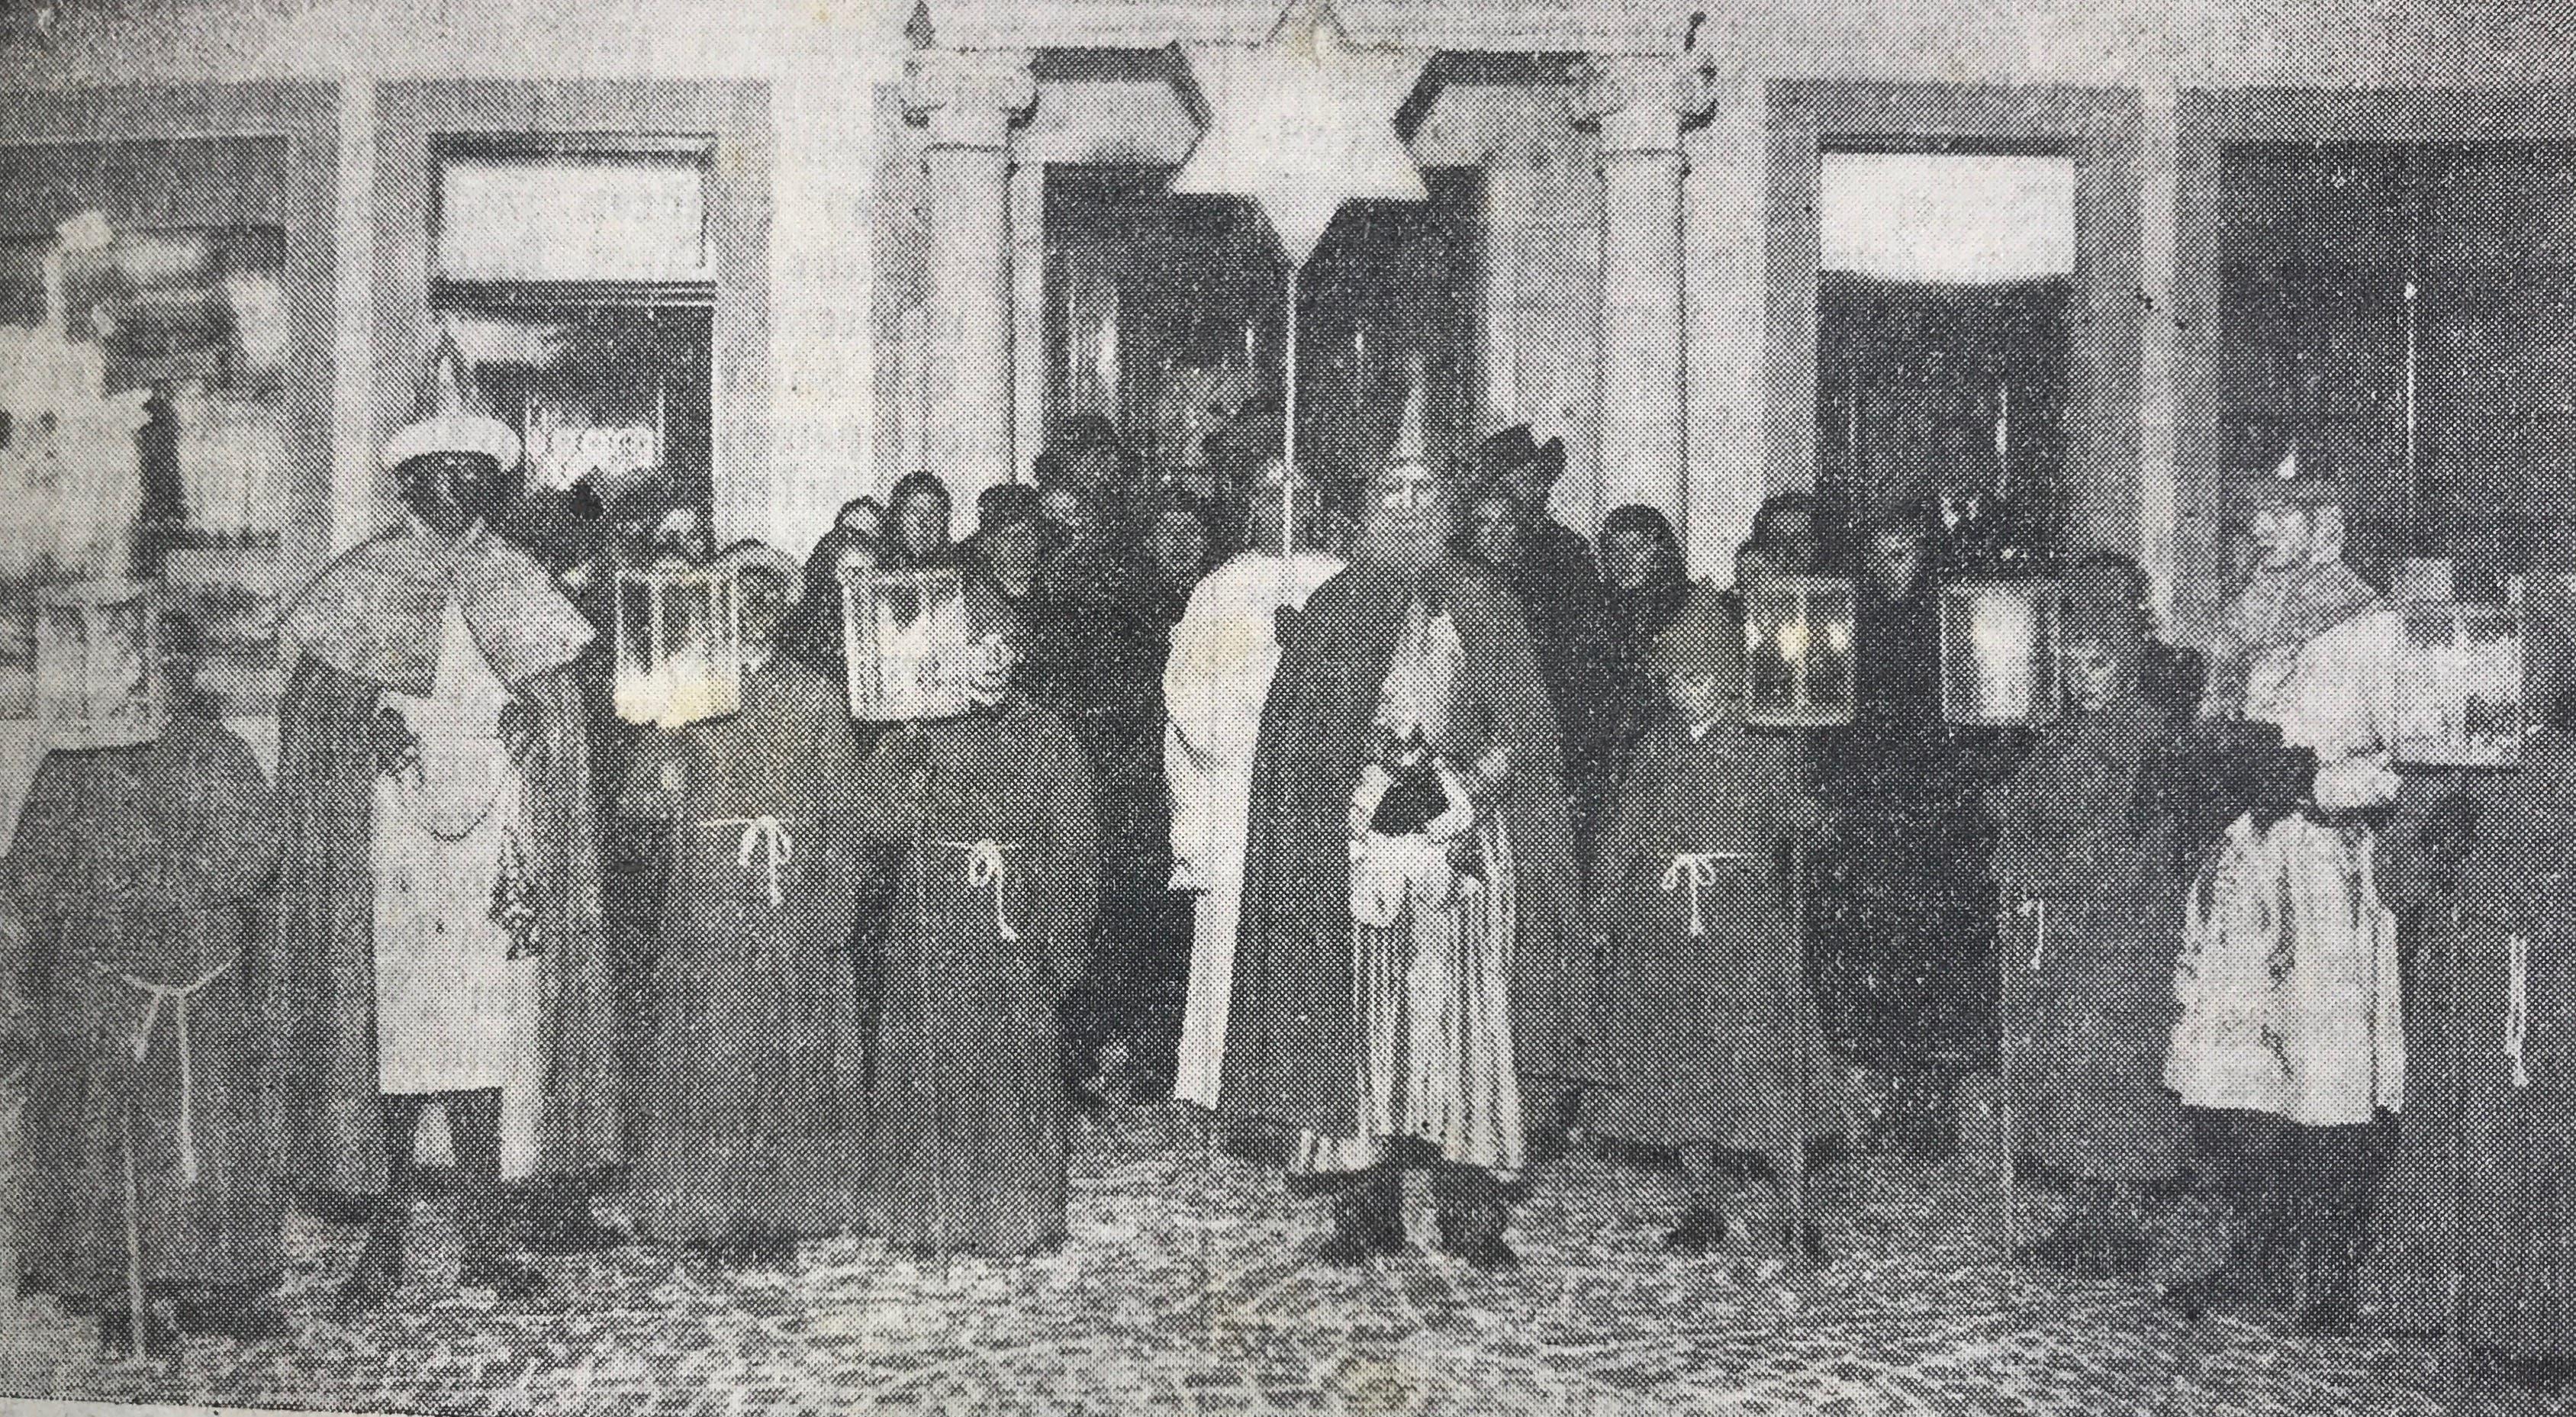 Beim ersten Auftritt der Luzerner Sternsinger 1938 reichte es nur für einen Sternengel, drei Könige und sechs Laternenträger. (Bild: Chronik der Sternsinger (Stadtarchiv/D131))